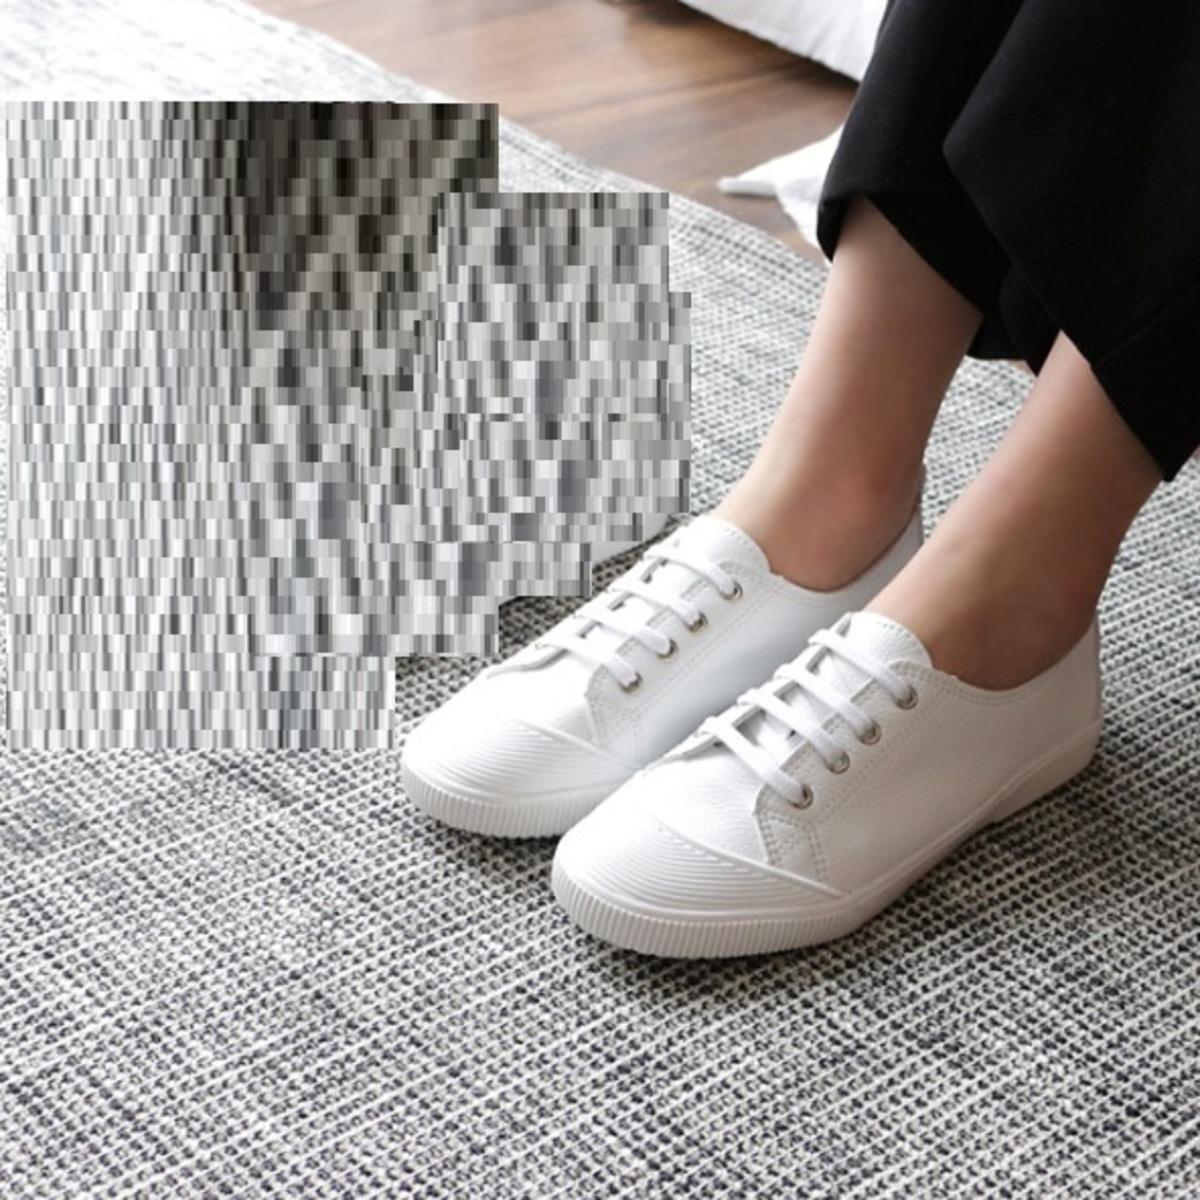 KR-Everyday Sneakers